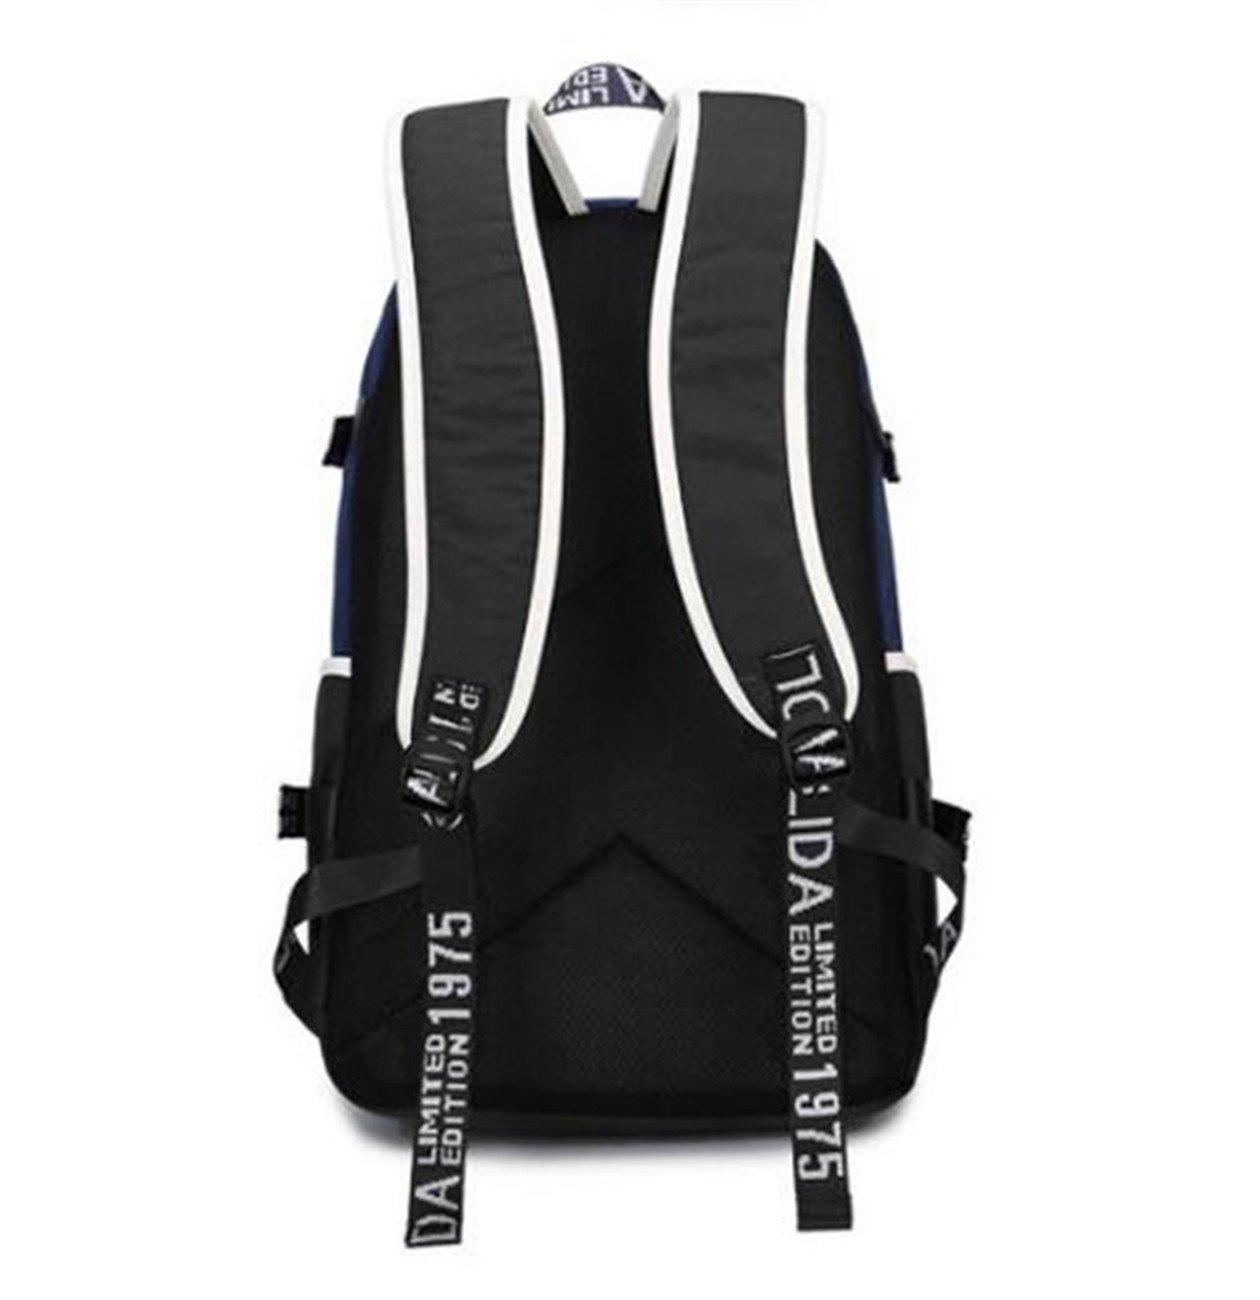 JUSTGOGO Luminous Korean Casual Daypack Laptop Bag College Bag Book Bag School Bag Backpack (Black 1) by JUSTGOGO (Image #3)